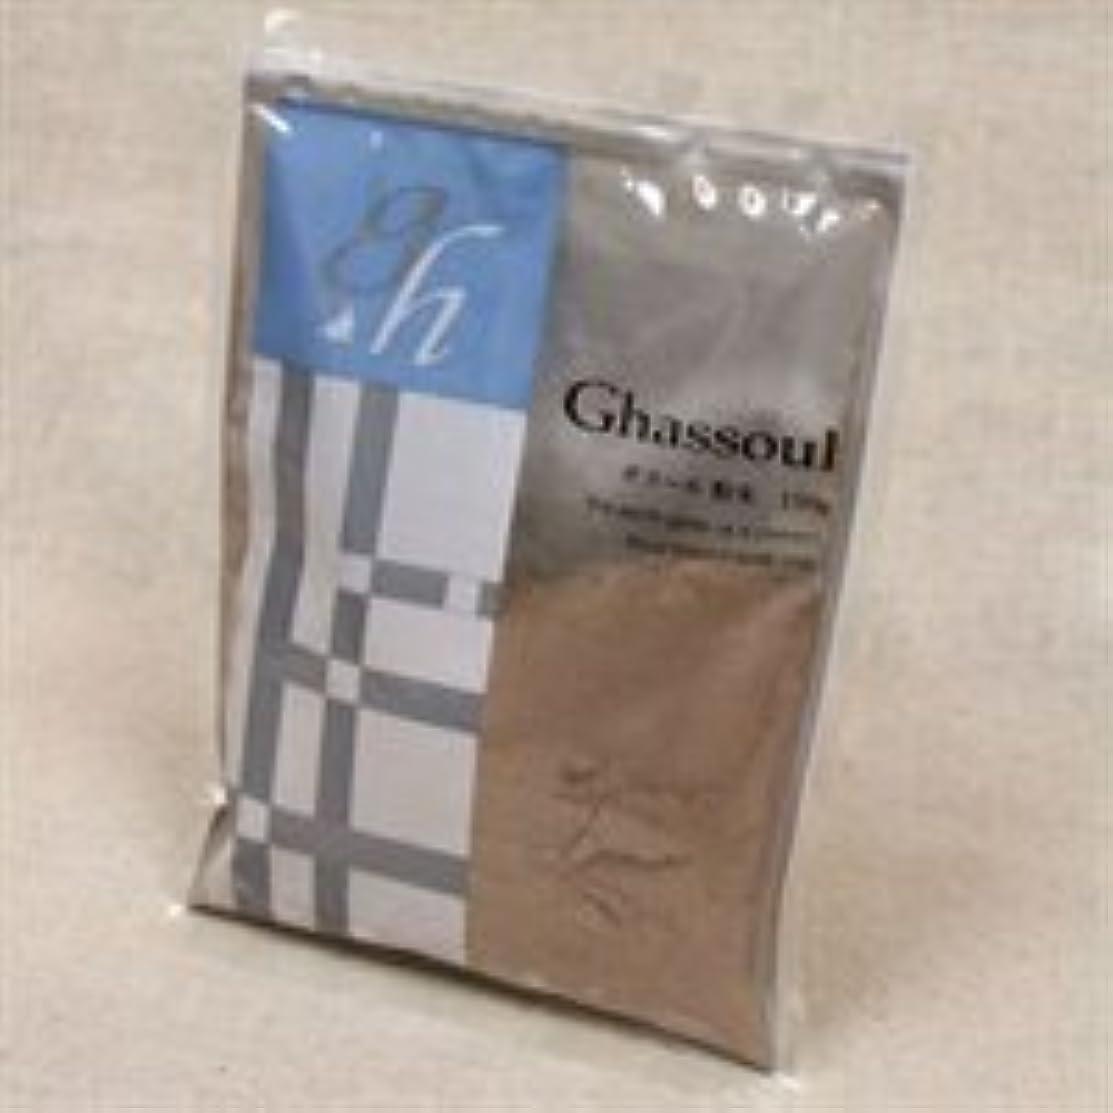 コマース礼儀質素なガスール ガスール 150g(粉末タイプ)